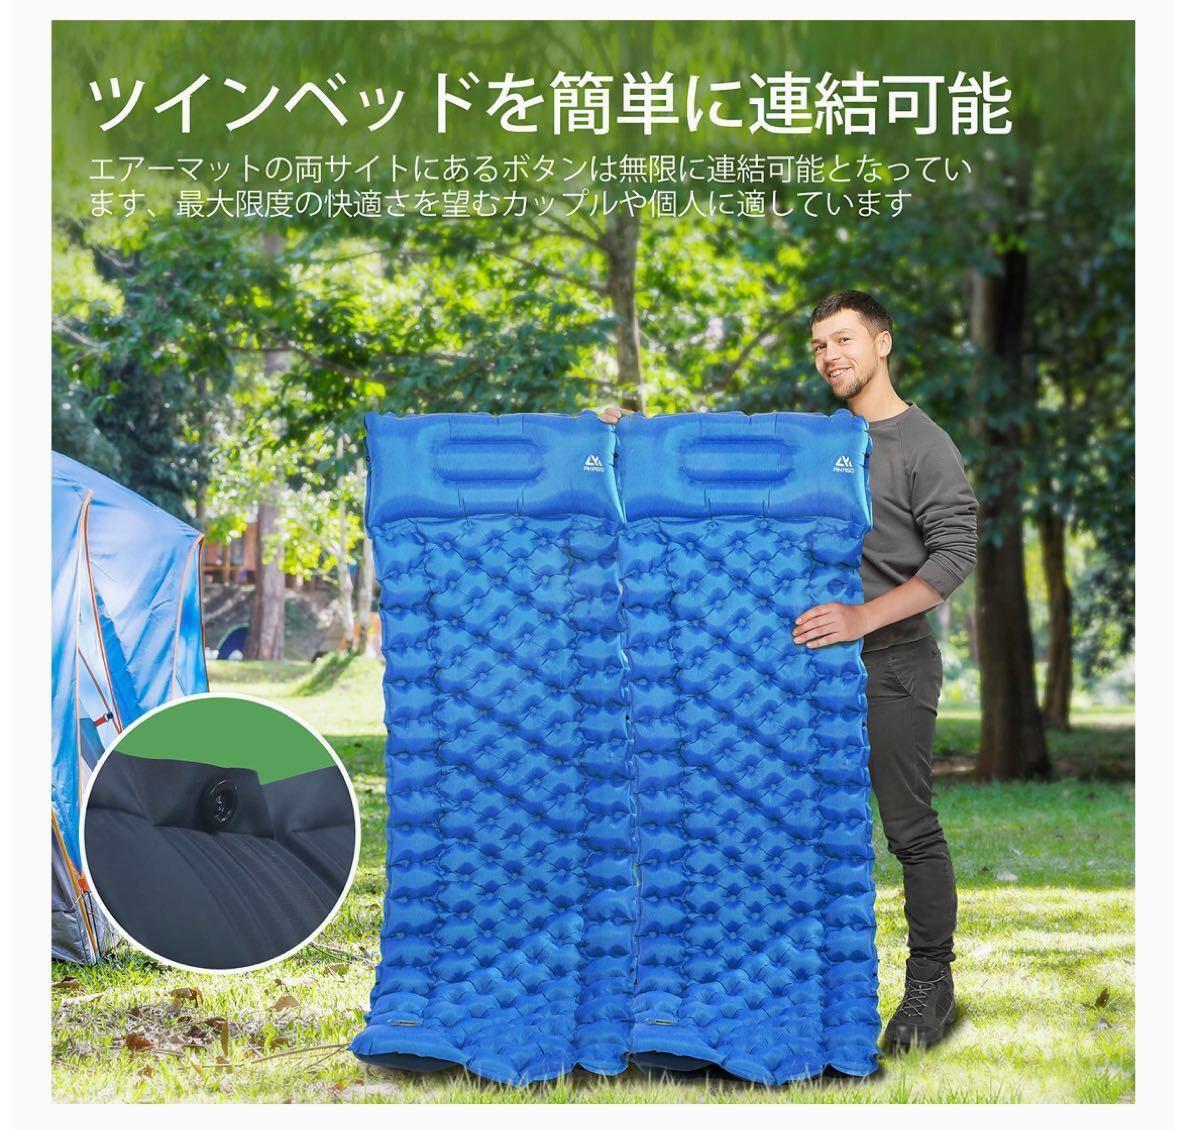 エアーマット キャンプマット アウトドア マット 足踏み式 折り畳み式 枕付き 防災用品 無限連結可能 エアーベッド コンパクト